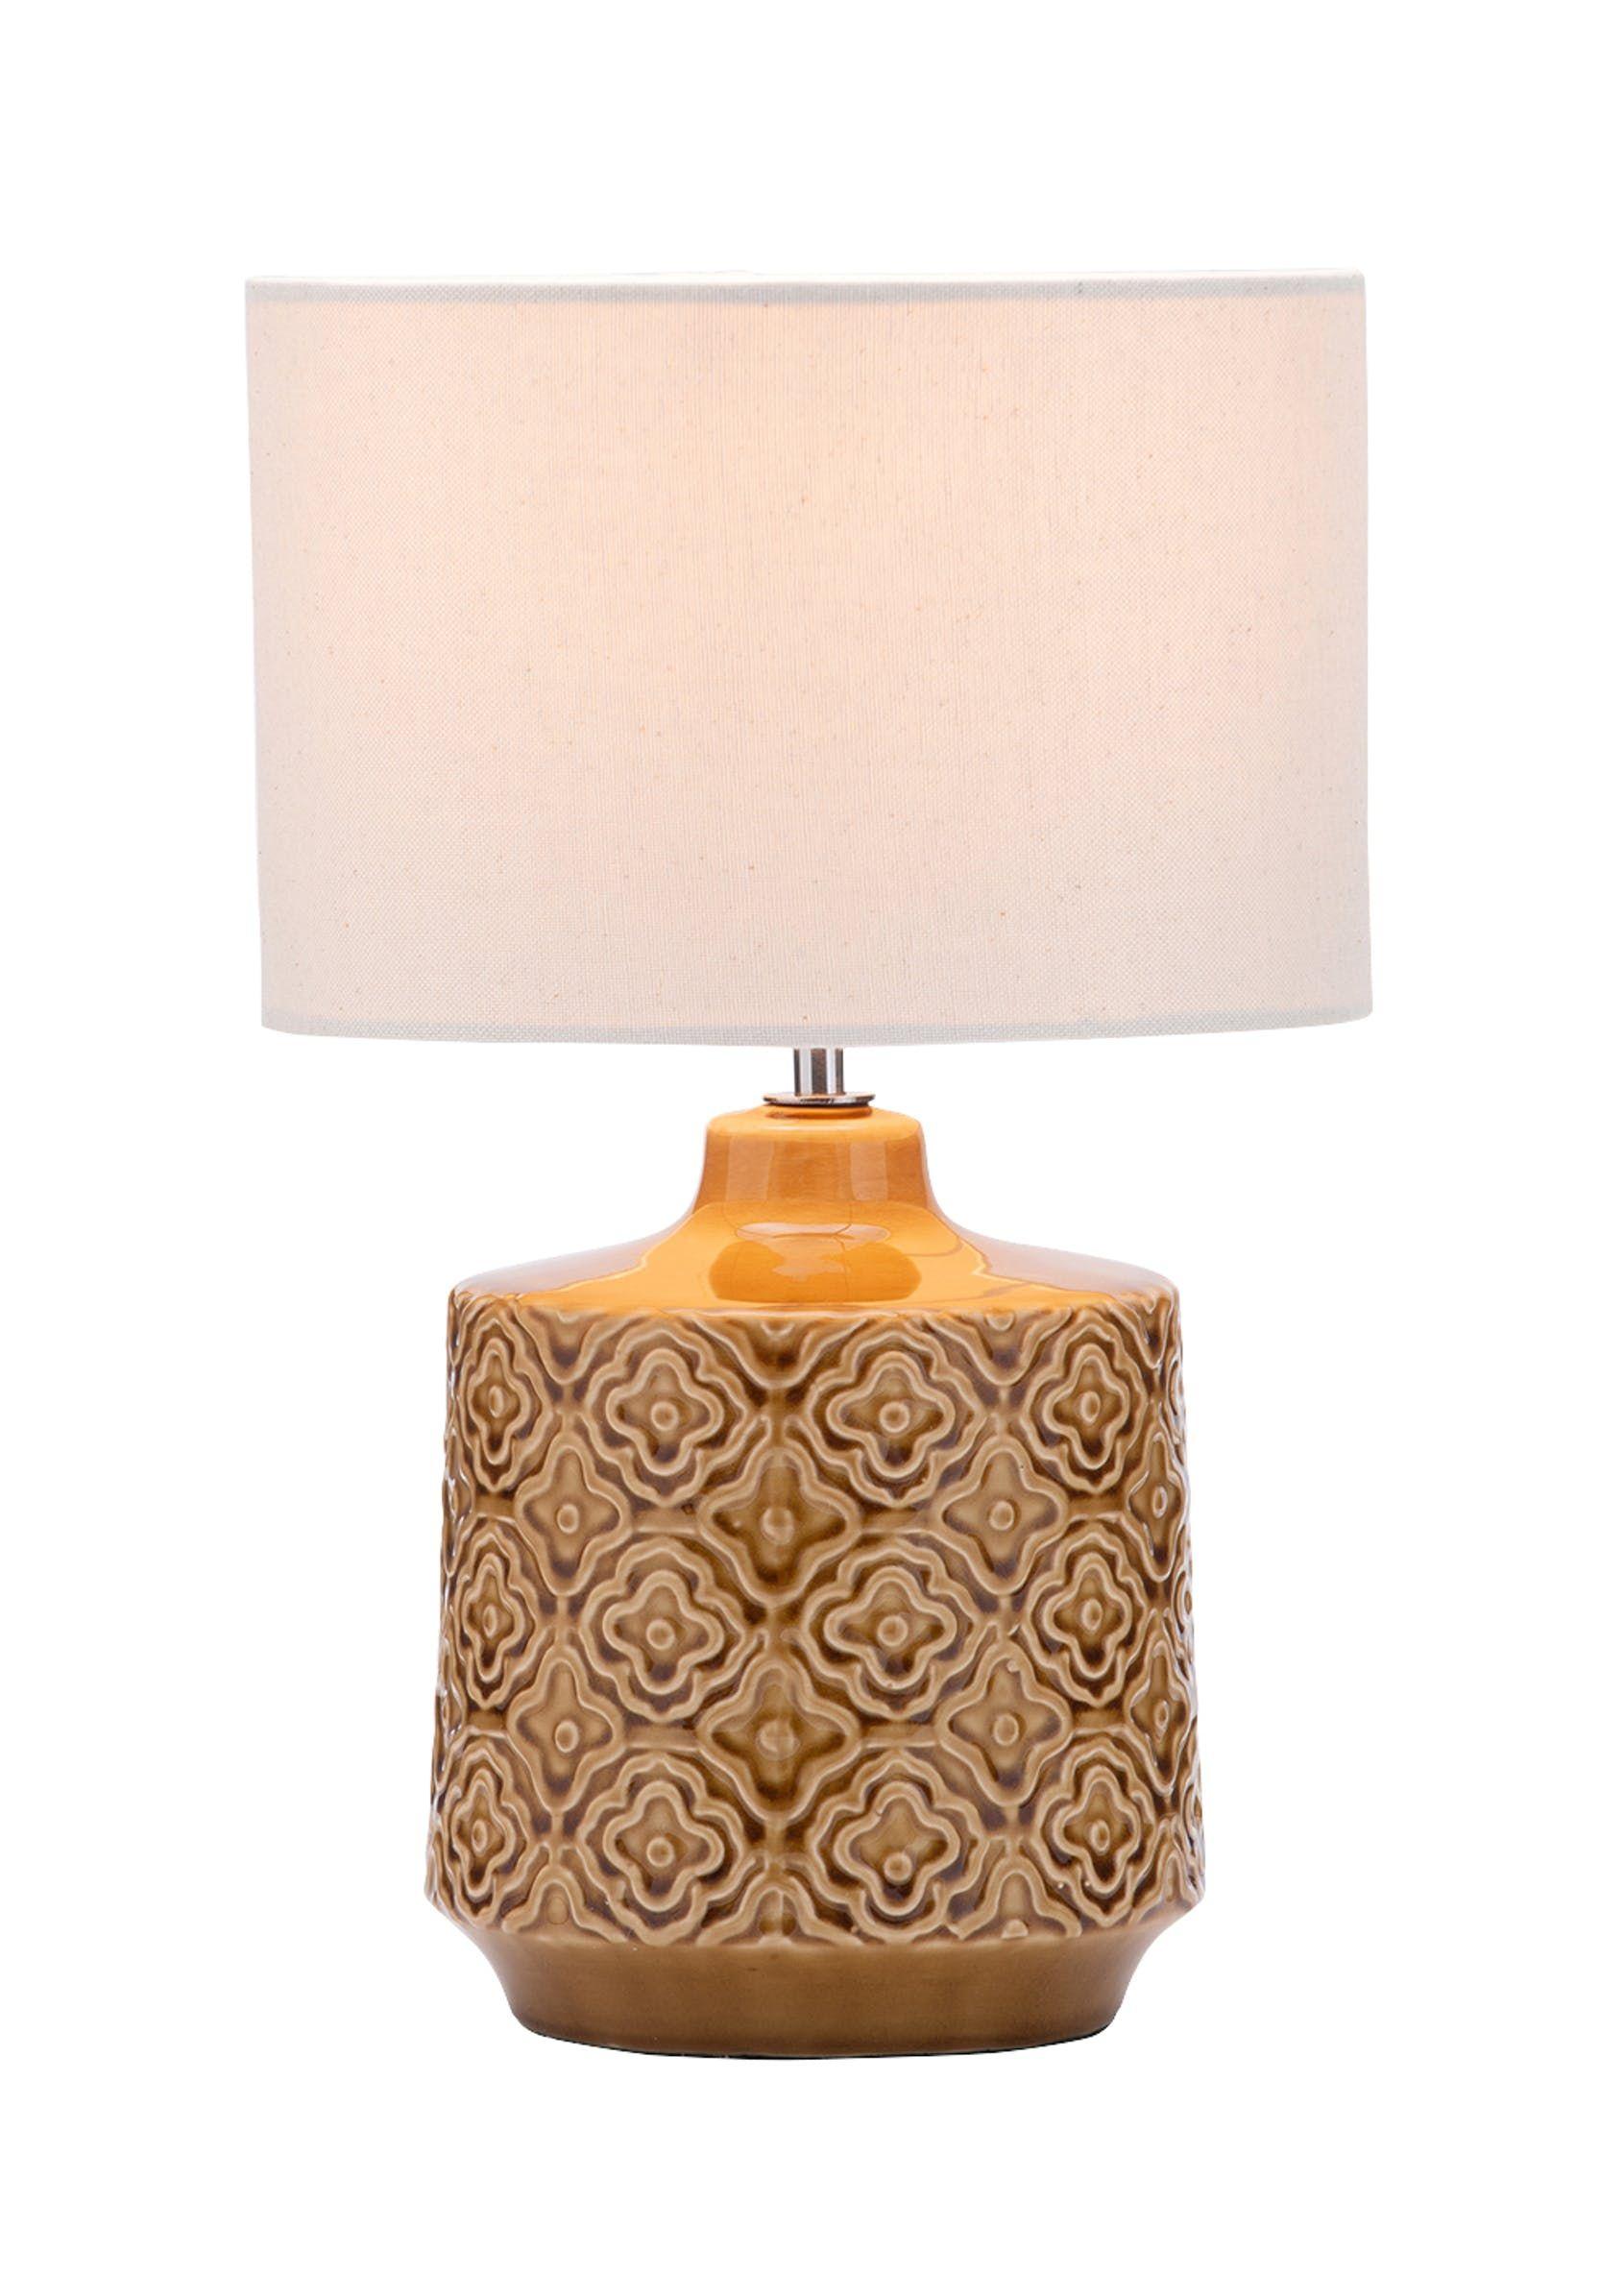 Vivi Ceramic Table Lamp (H38cm x W24cm